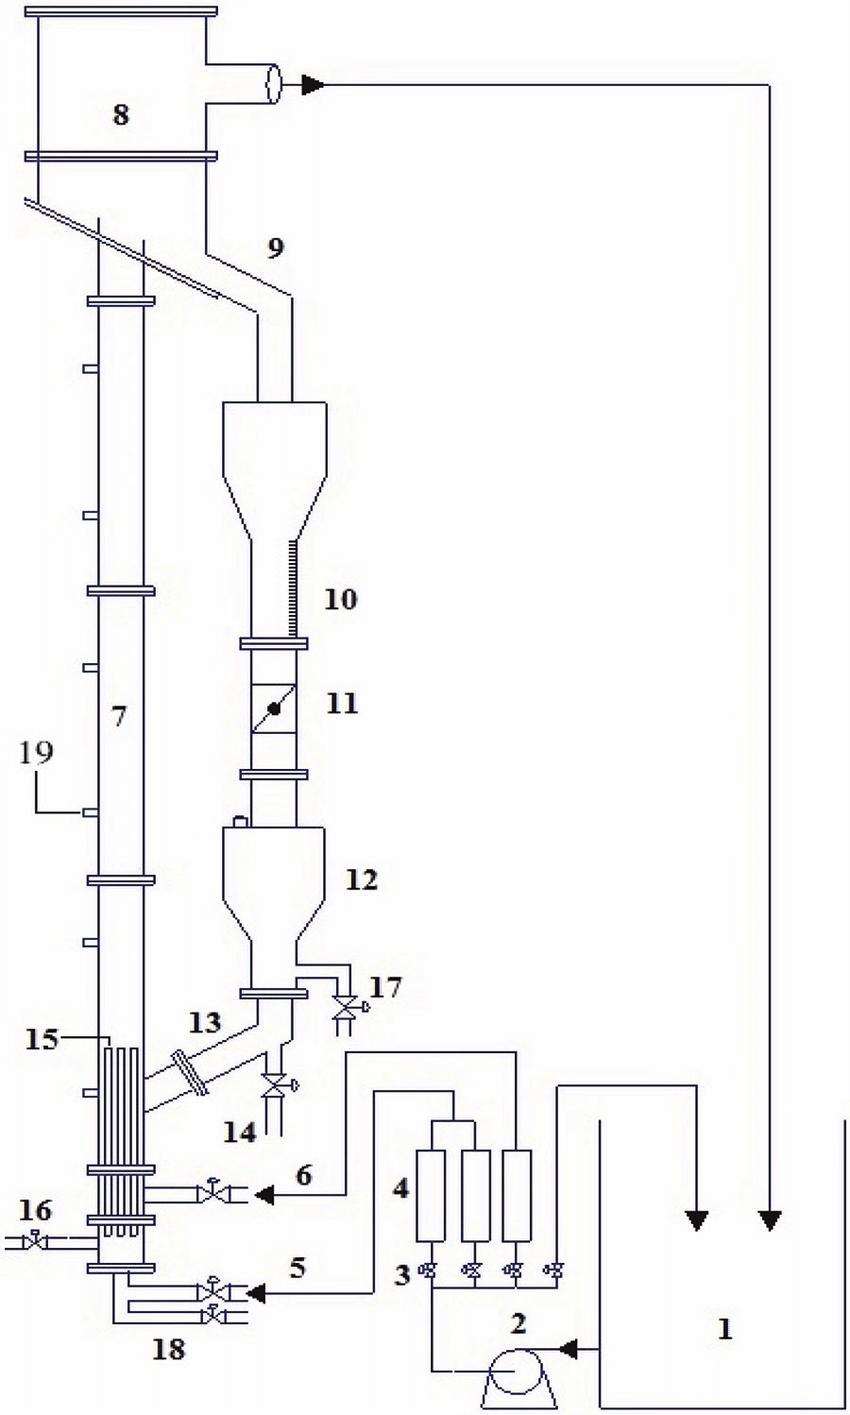 medium resolution of schematic diagram of the experimental setup 1 liquid reservoir 2 pump 3 valve 4 flow meter 5 primary liquid inlet 6 auxiliary liquid inlet